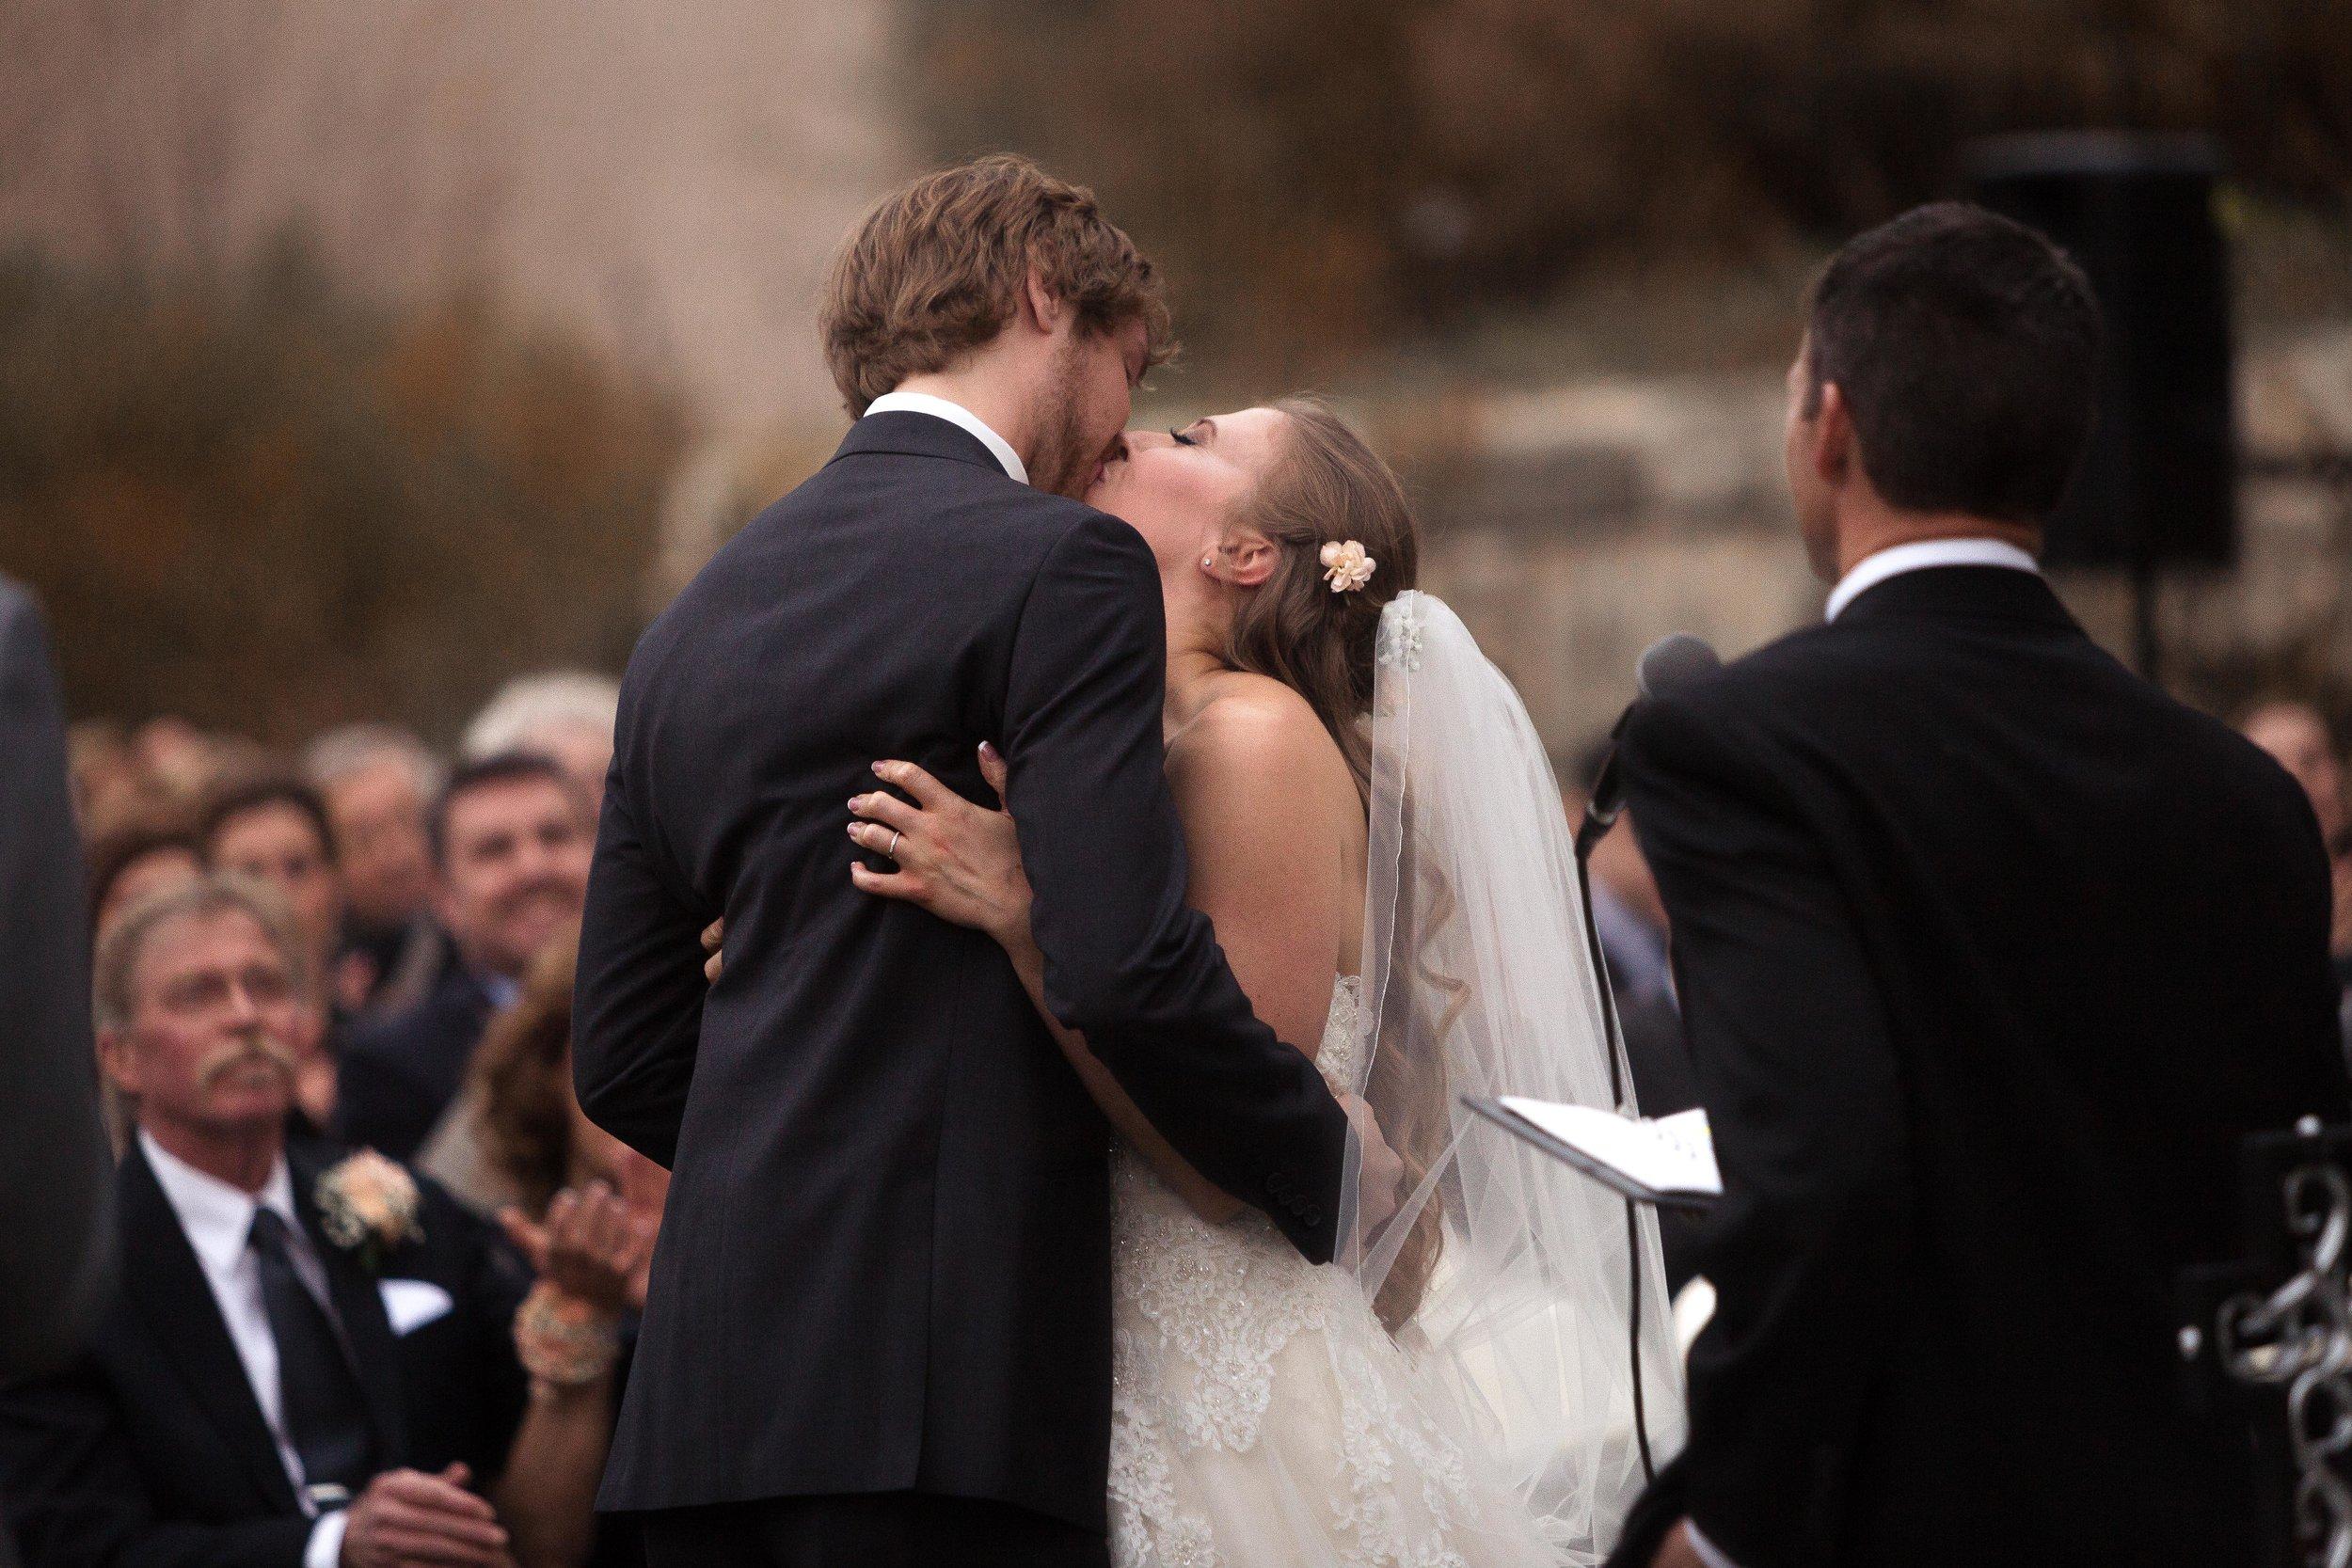 C_Wedding_Spellman, Megan & Tyler_10.27.18-1645.JPG